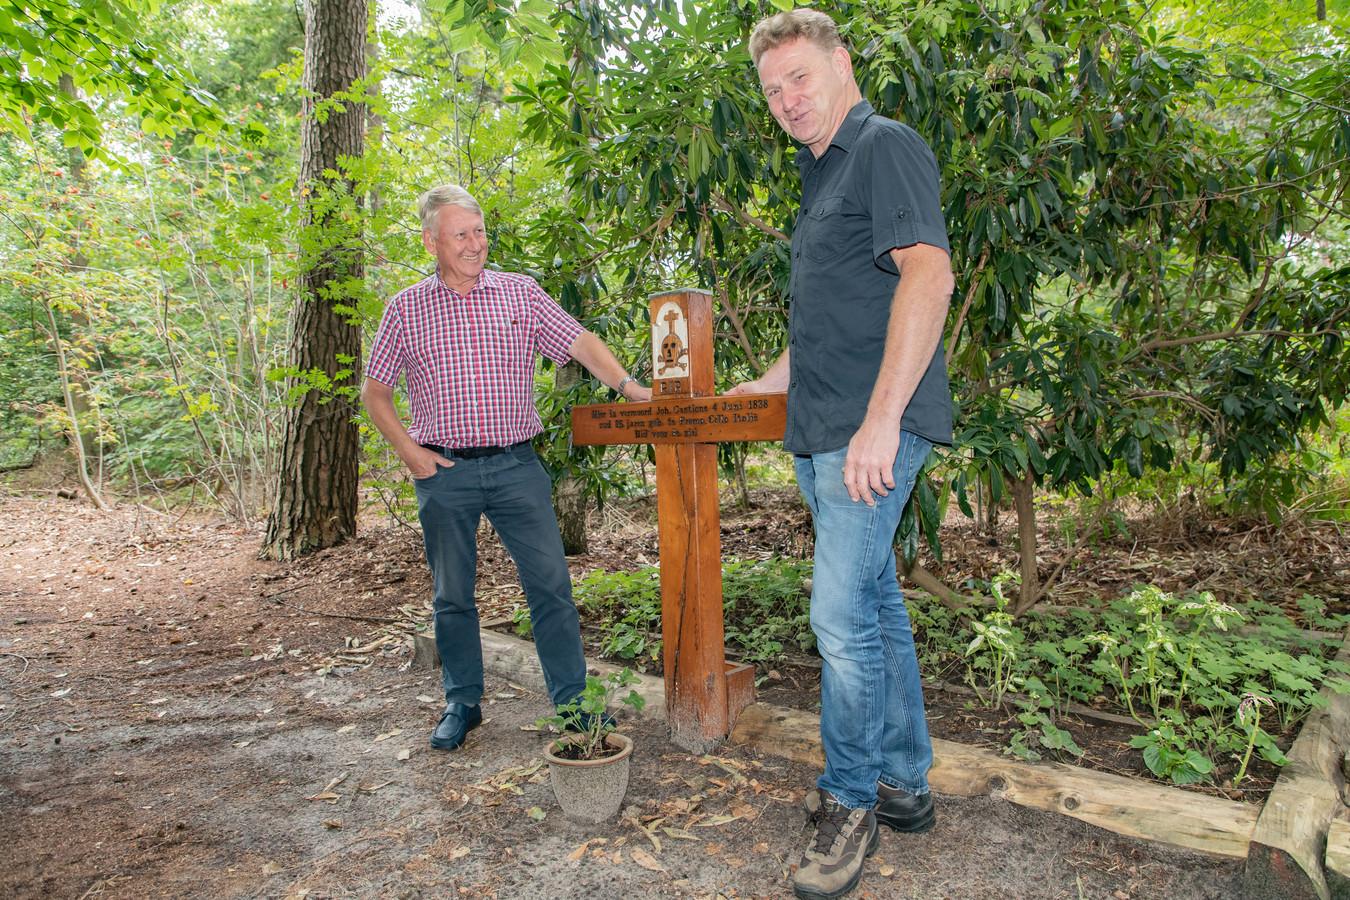 Leon Vingerhoeds (donker overhemd) en Theo Cruijff bij kruis in het bos.